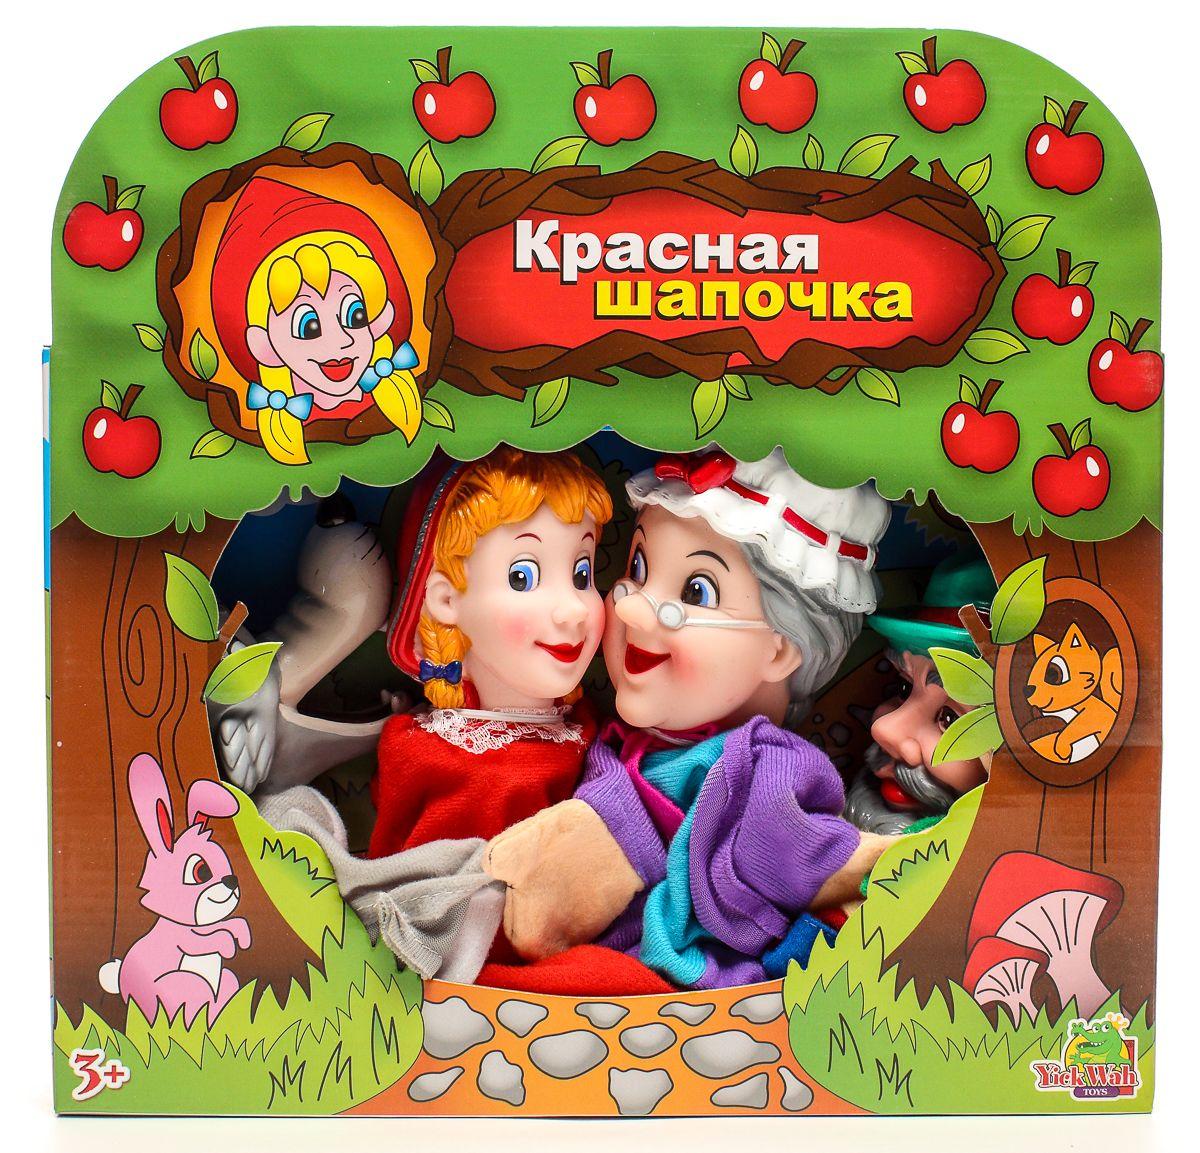 Yick Wah Кукольный театр Красная Шапочка7222/1Кукольный театр создан на основе всем известной сказки.Набор состоит из 4-х кукол-марионеток большого размера,одевающихся на кисть руки.Куклы обладают высокой прочностью,безопасностью.Доставляют малышам масс приятных и радостных эмоций